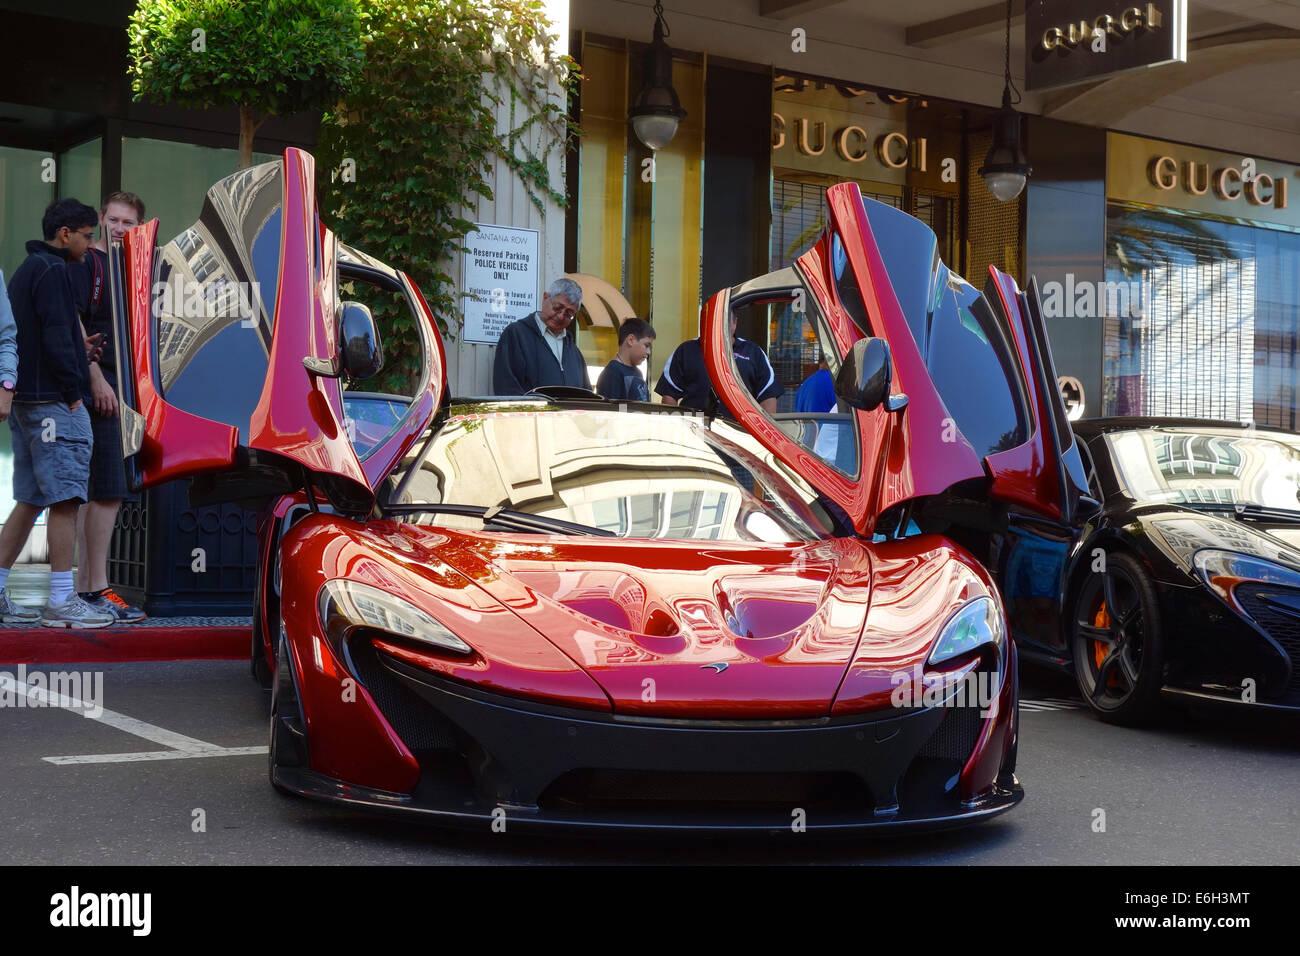 San Jose, California - 23 agosto 2014 una rara 2015 McLaren P1 plug-in hybrid auto parcheggiate al di fuori di un Foto Stock